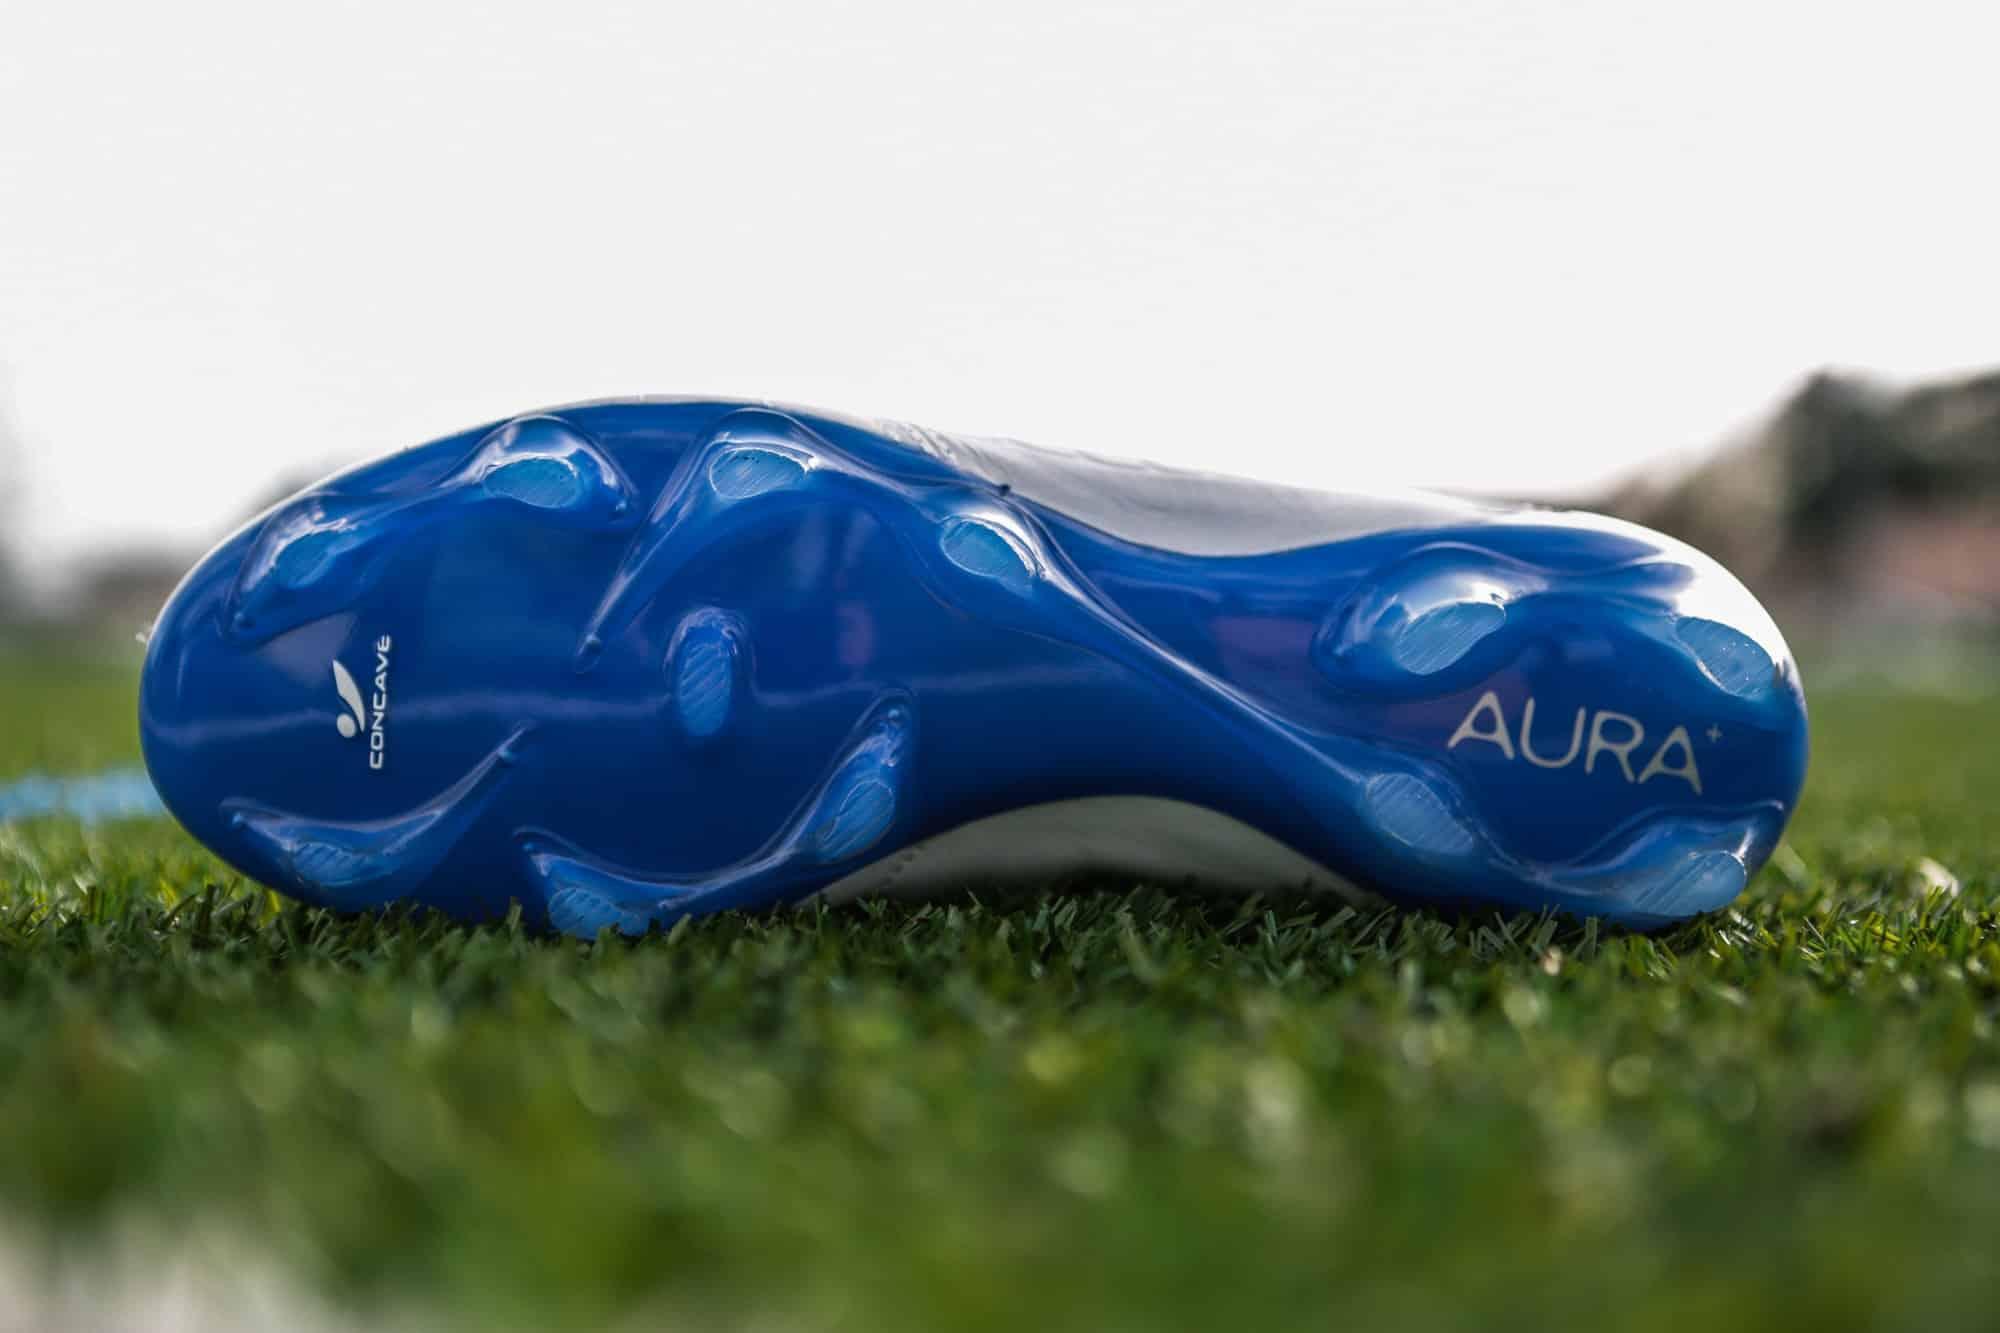 chaussure-football-concave-aura-mars-2017-2